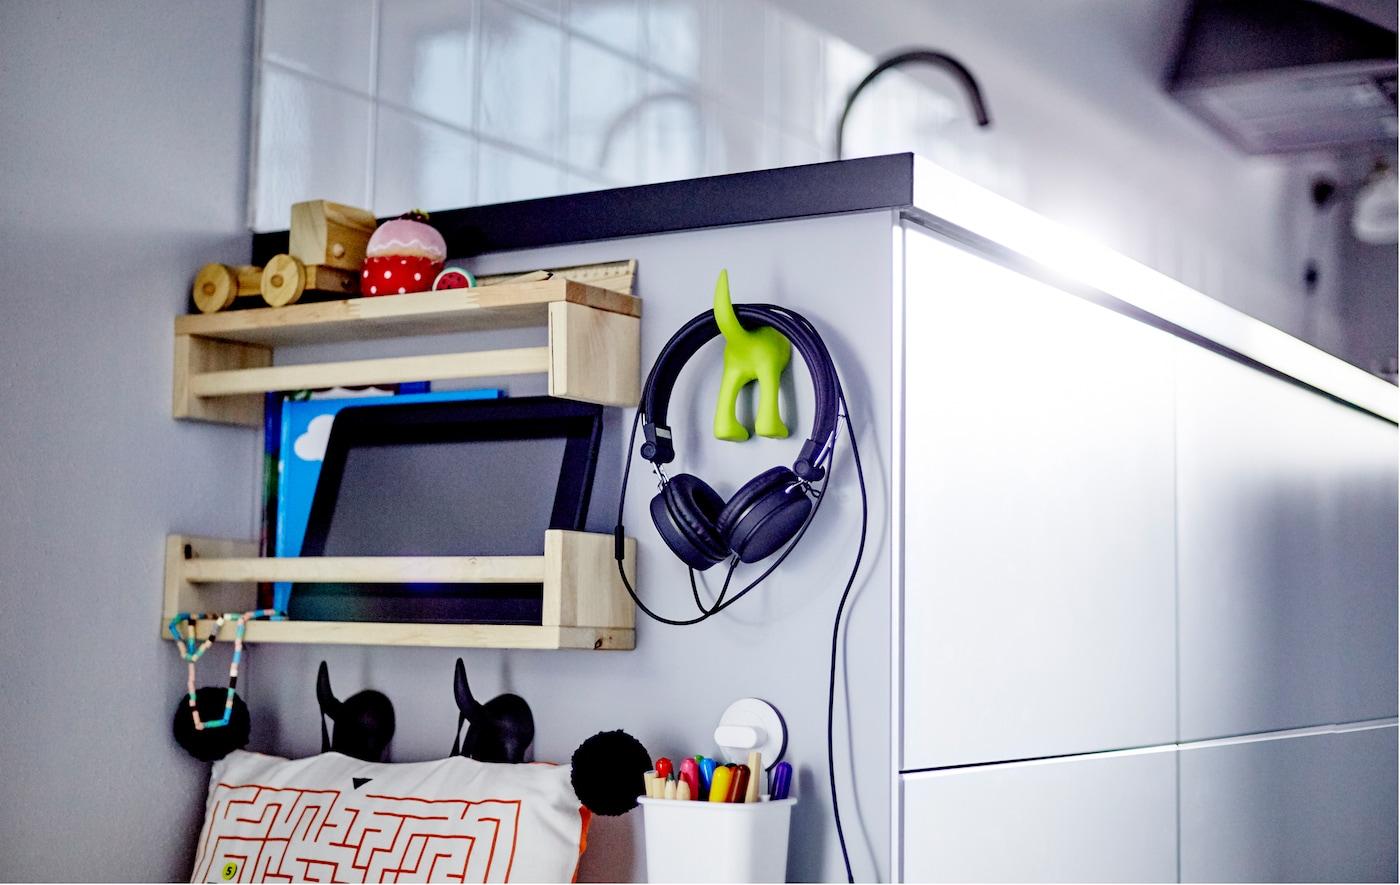 صورة مقربة لجانب خزانة مطبخ منخفضة مع ألعاب وأغراض الأطفال.